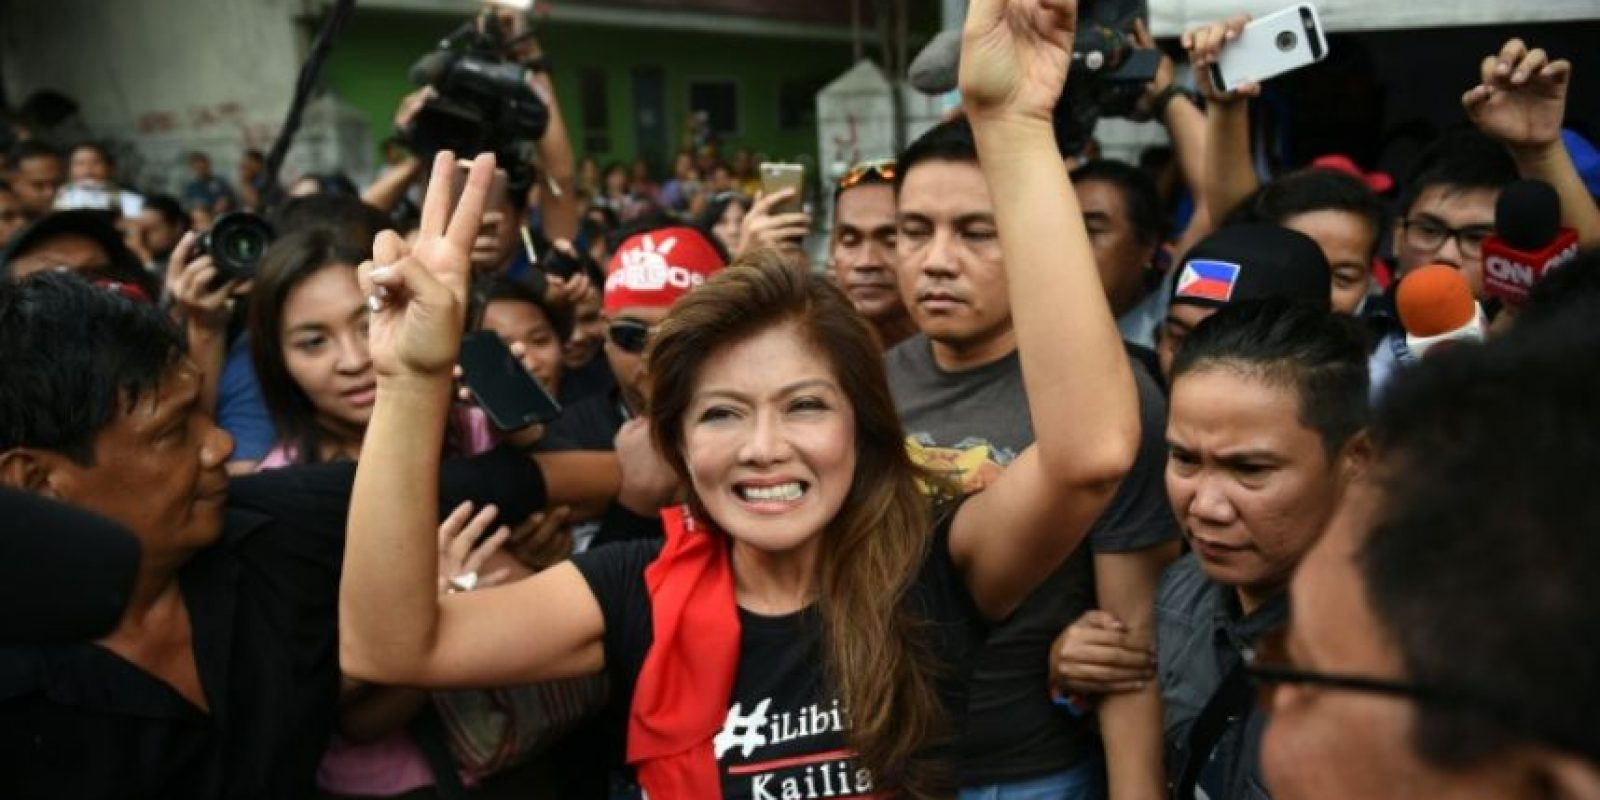 Imee Marcos, hija del fallecido dictador Ferdinand Marcos, celebra la decisión judicial en una concentración de simpatizantes frente a la Corte Suprema de Filipinas, este martes 8 de noviembre en Manila Foto:Ted Aljibe/afp.com